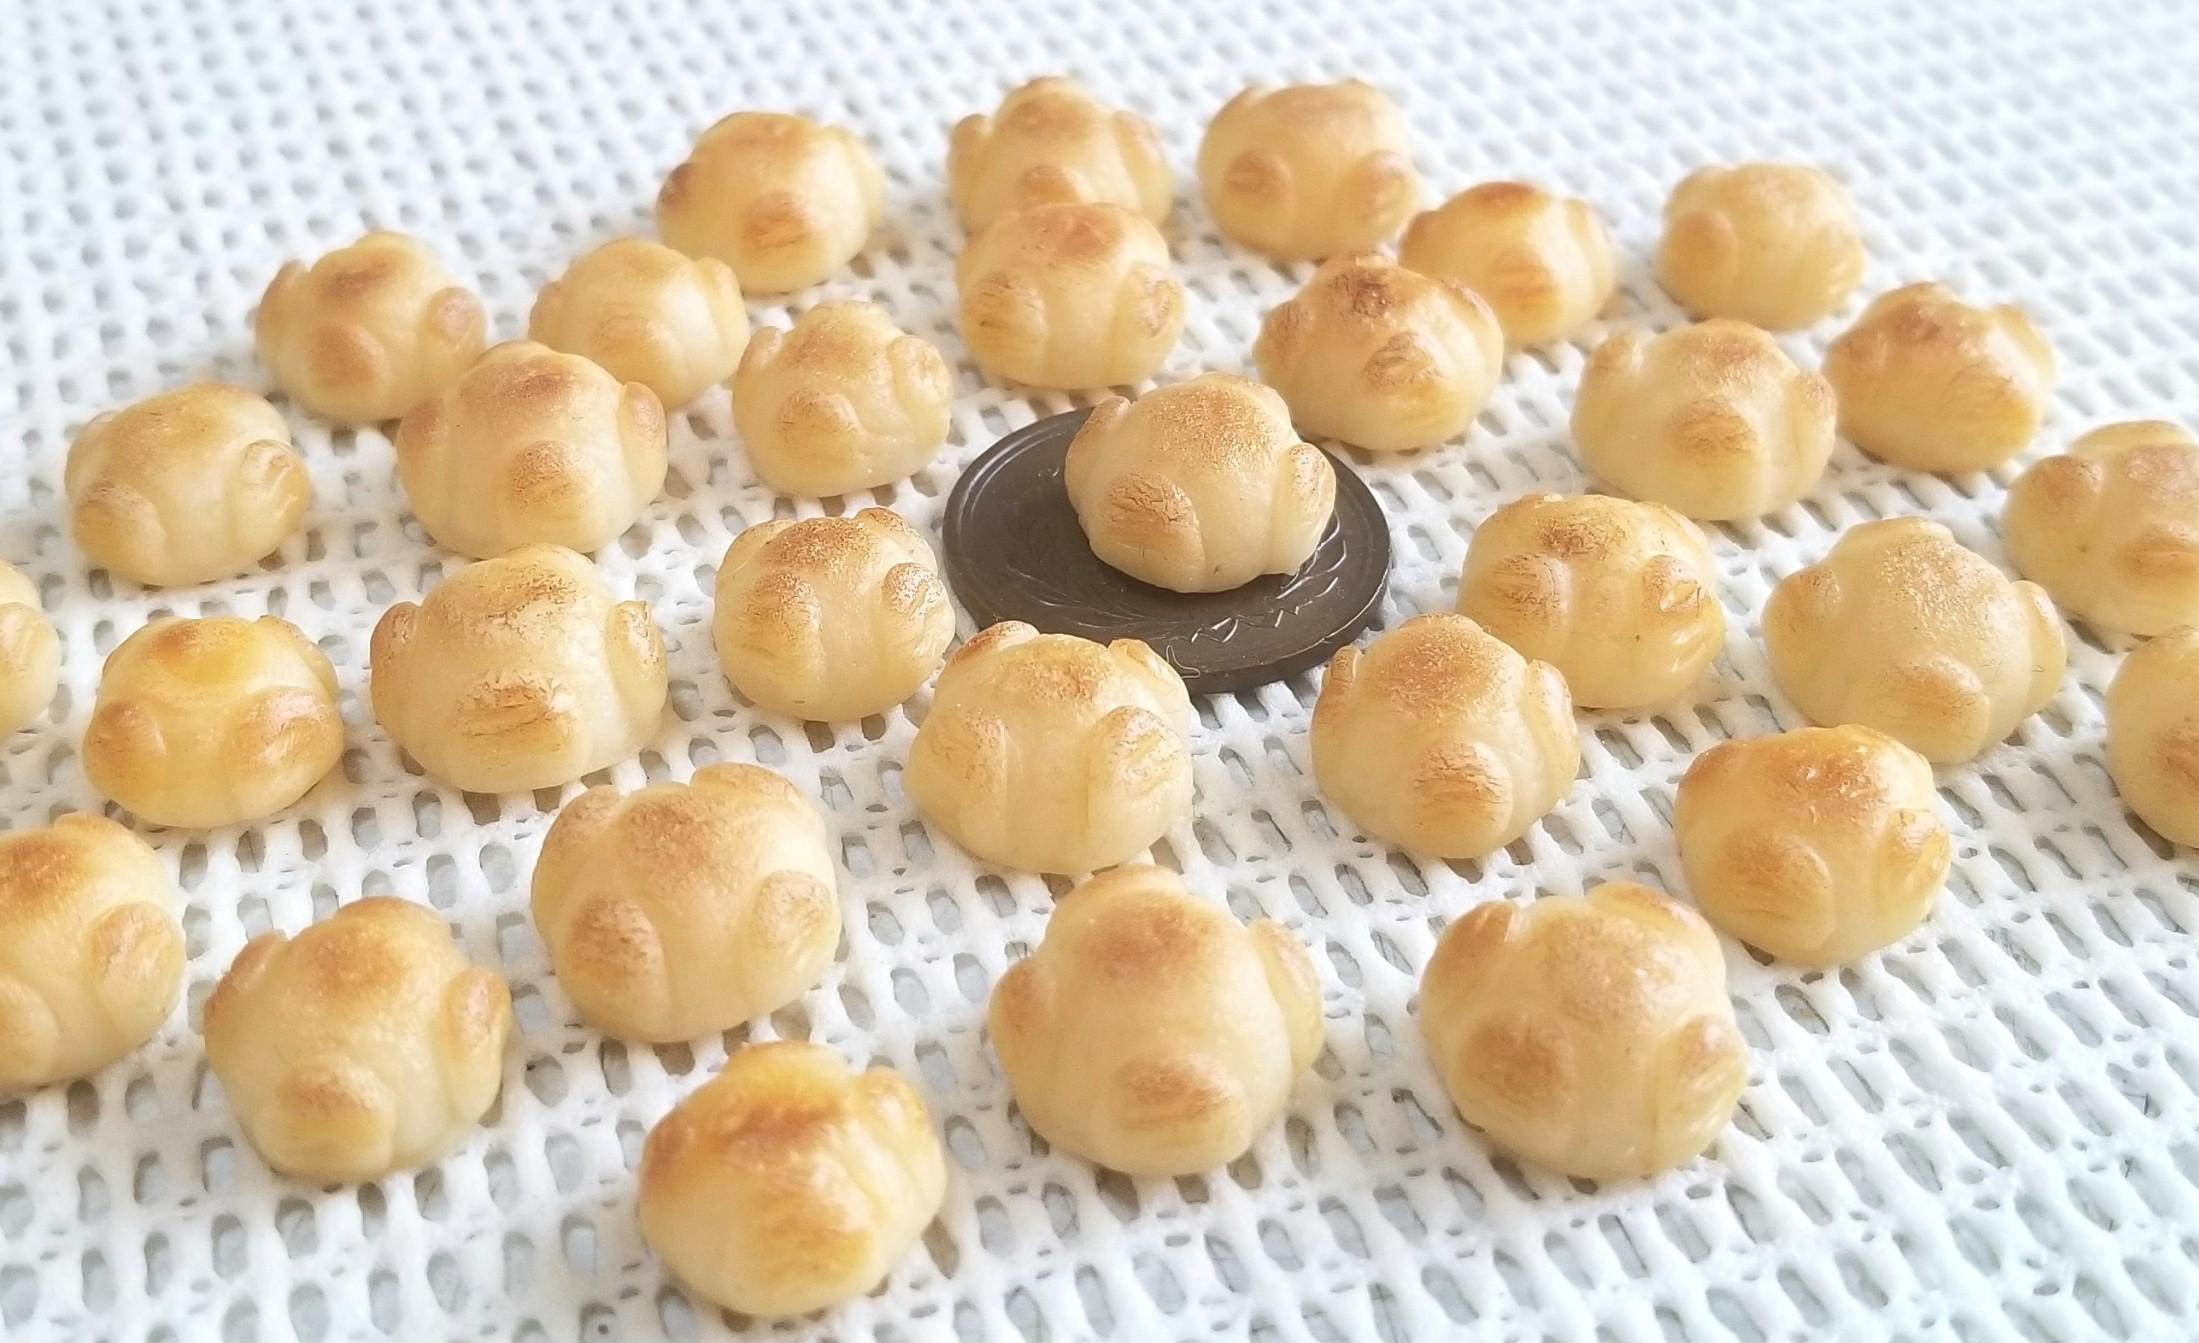 ミニチュアフード,パン,もっちりカンパーニュ,樹脂粘土,フェイク